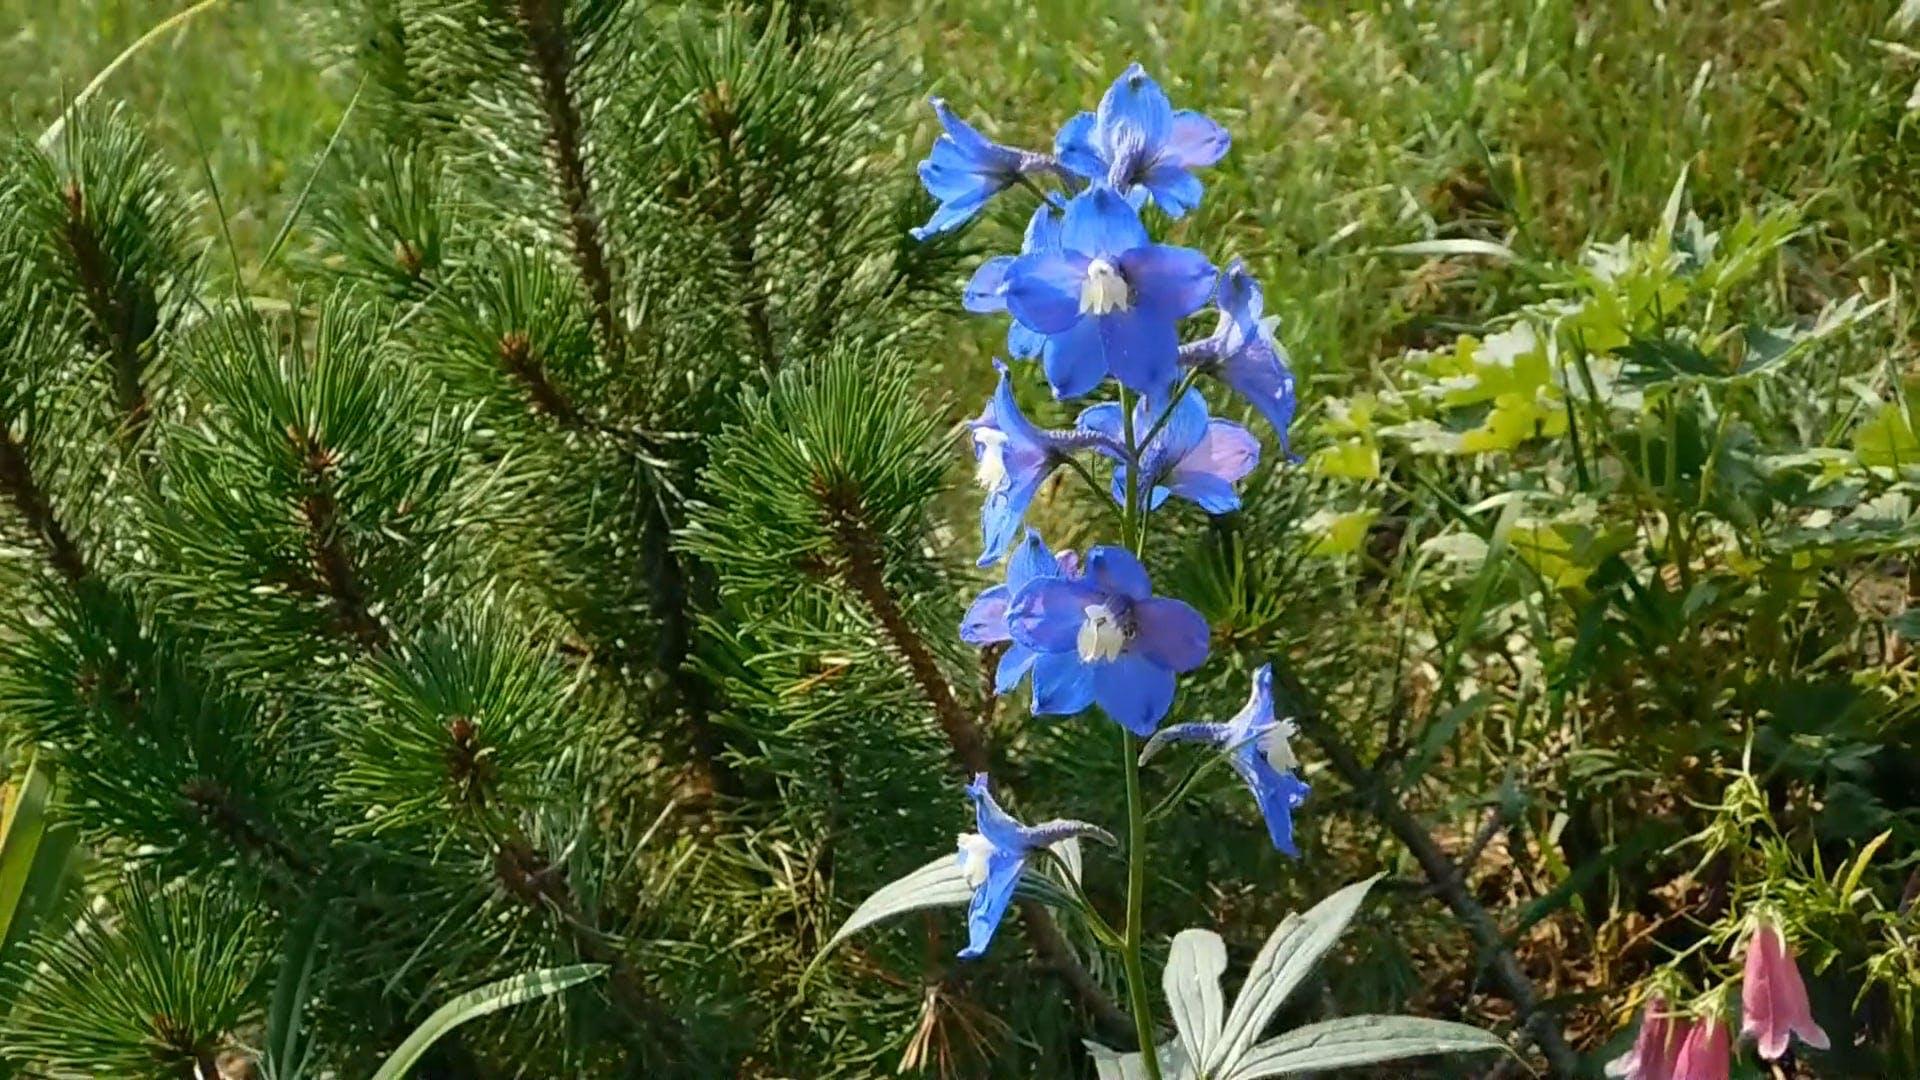 Blue Flowers Beside Pine Tree